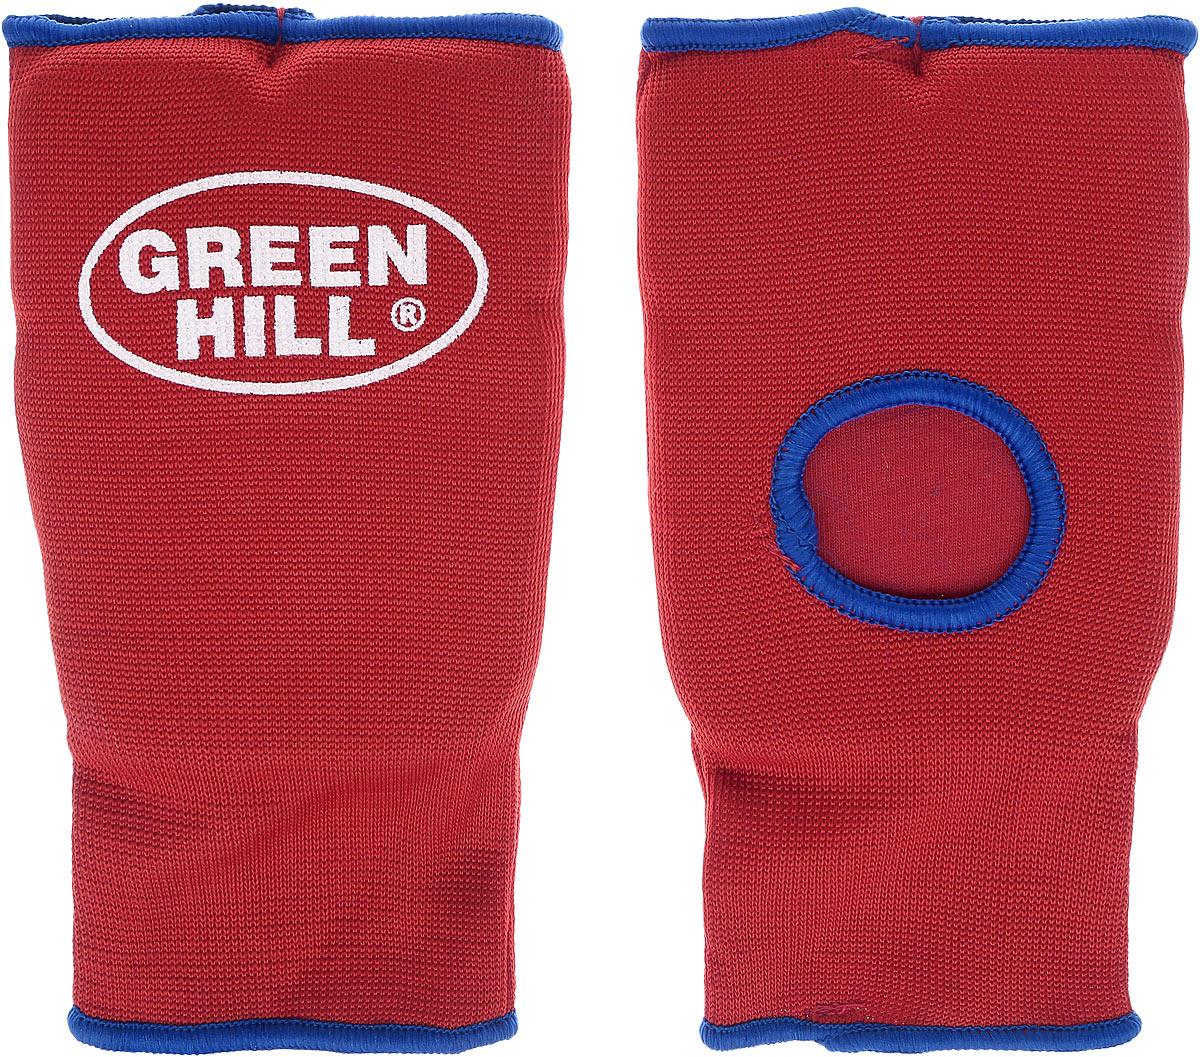 Защита на кисть Green Hill, цвет: красный, синий. Размер L. HP-0053HP-0053Защита на кисть Green Hill предназначена для занятий различными видами единоборств. Она защищает руки от синяков, вывихов и ушибов. Защита изготовлена из хлопка с эластаном, мягкие вкладки изготовлены из вспененного полимера. Растягивается до 40%.